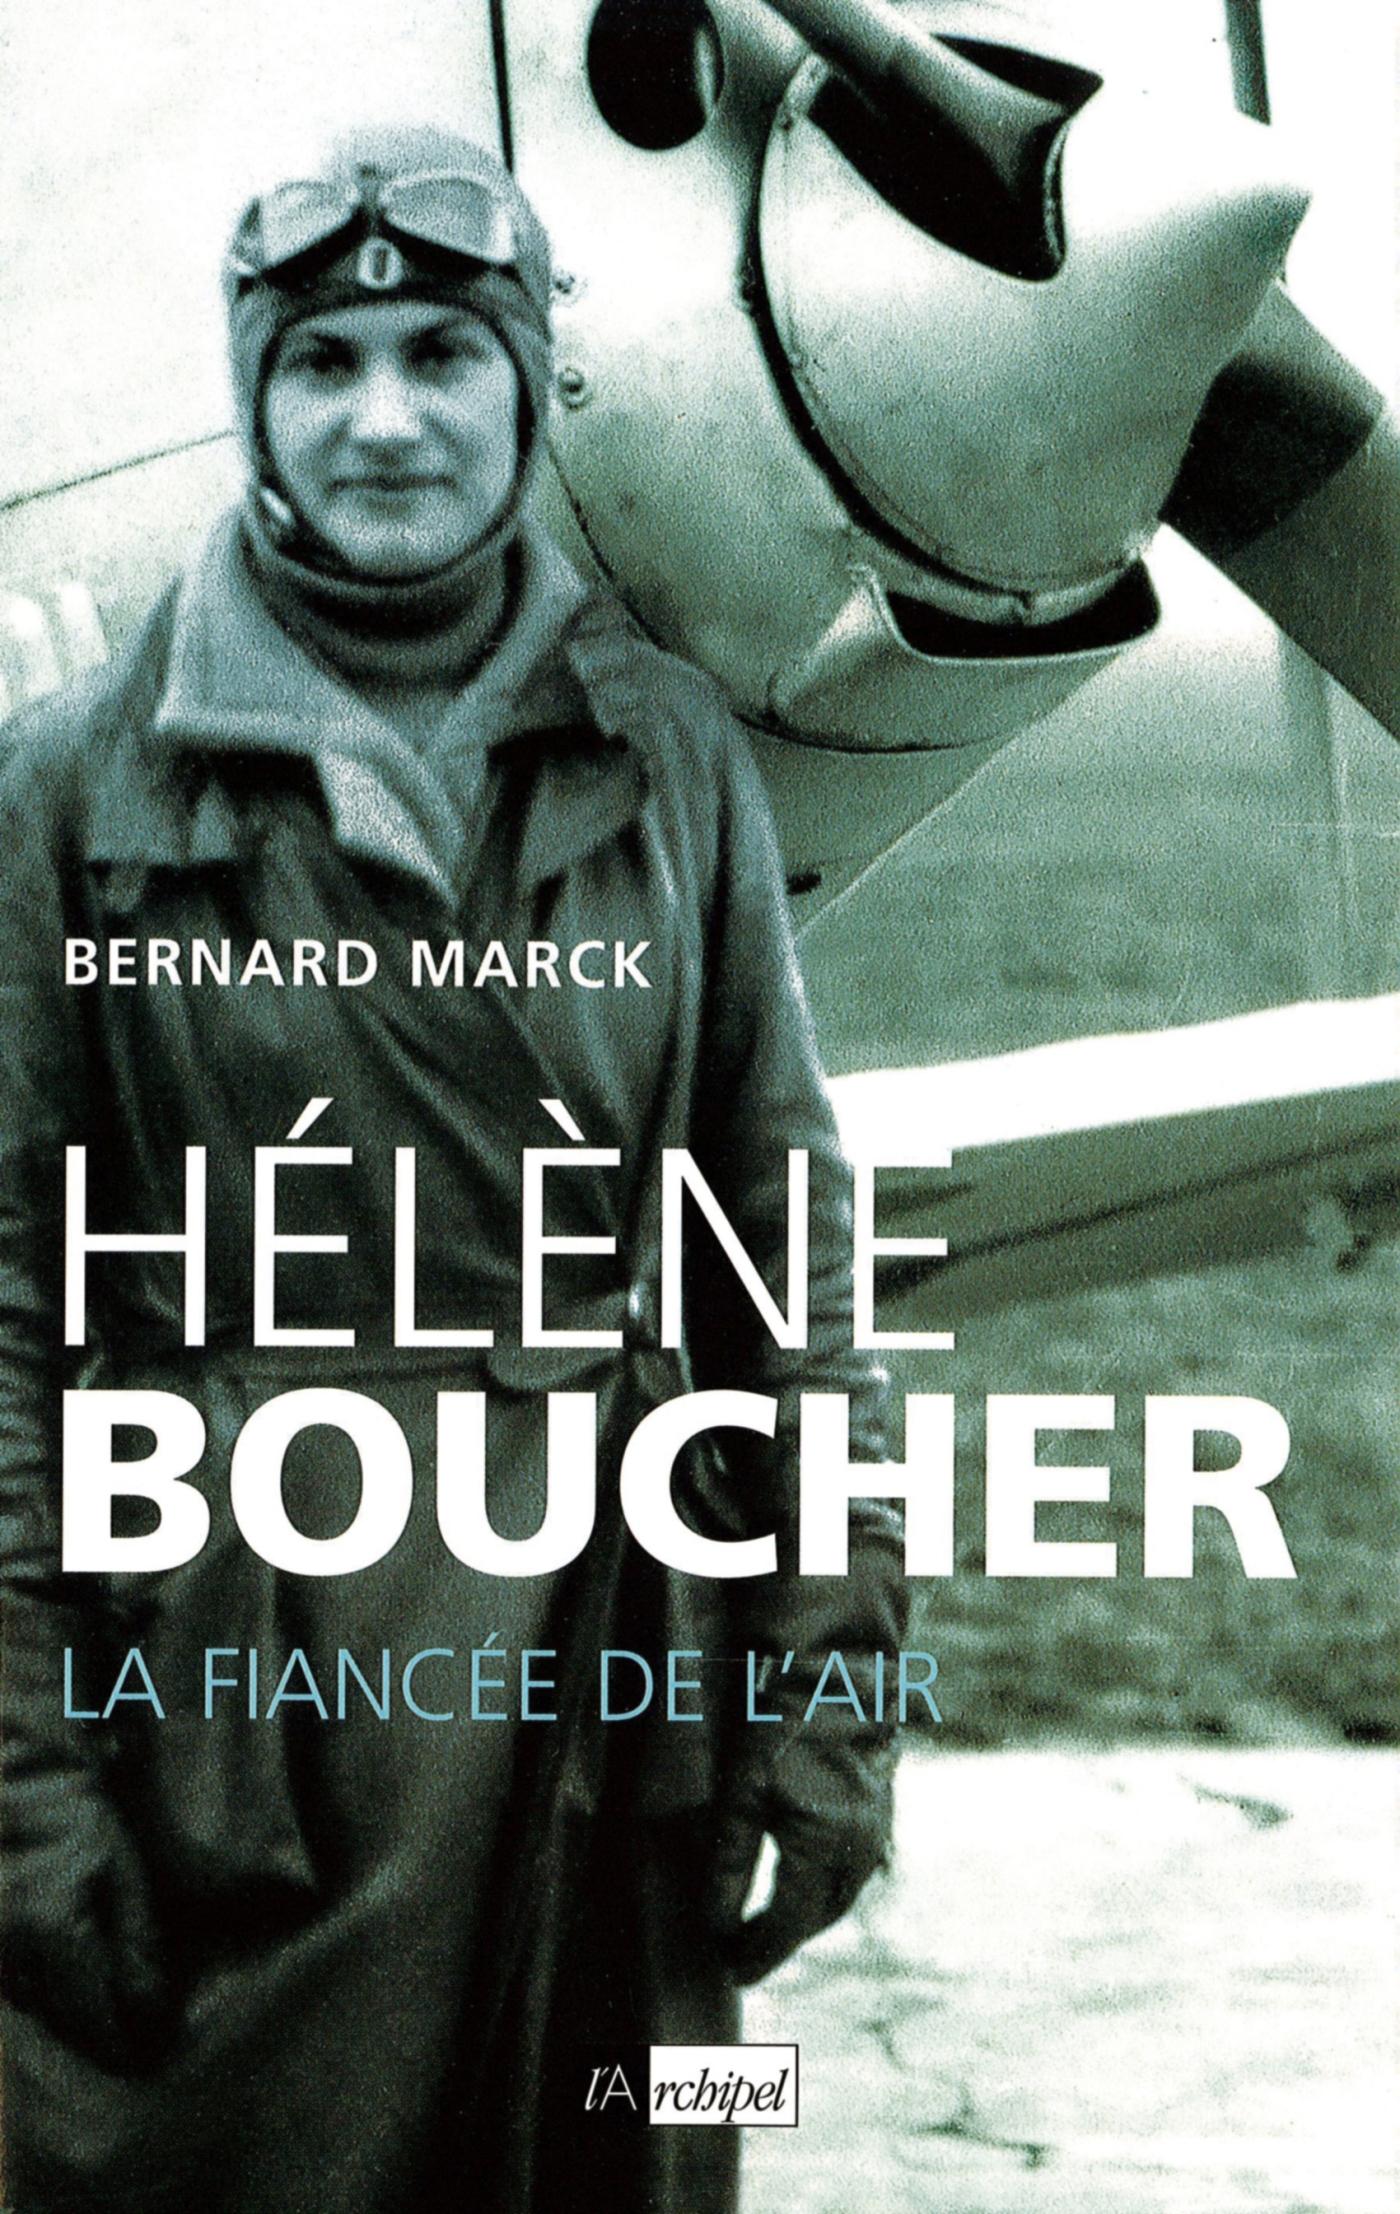 HELENE BOUCHER, LA FIANCEE DE L'AIR